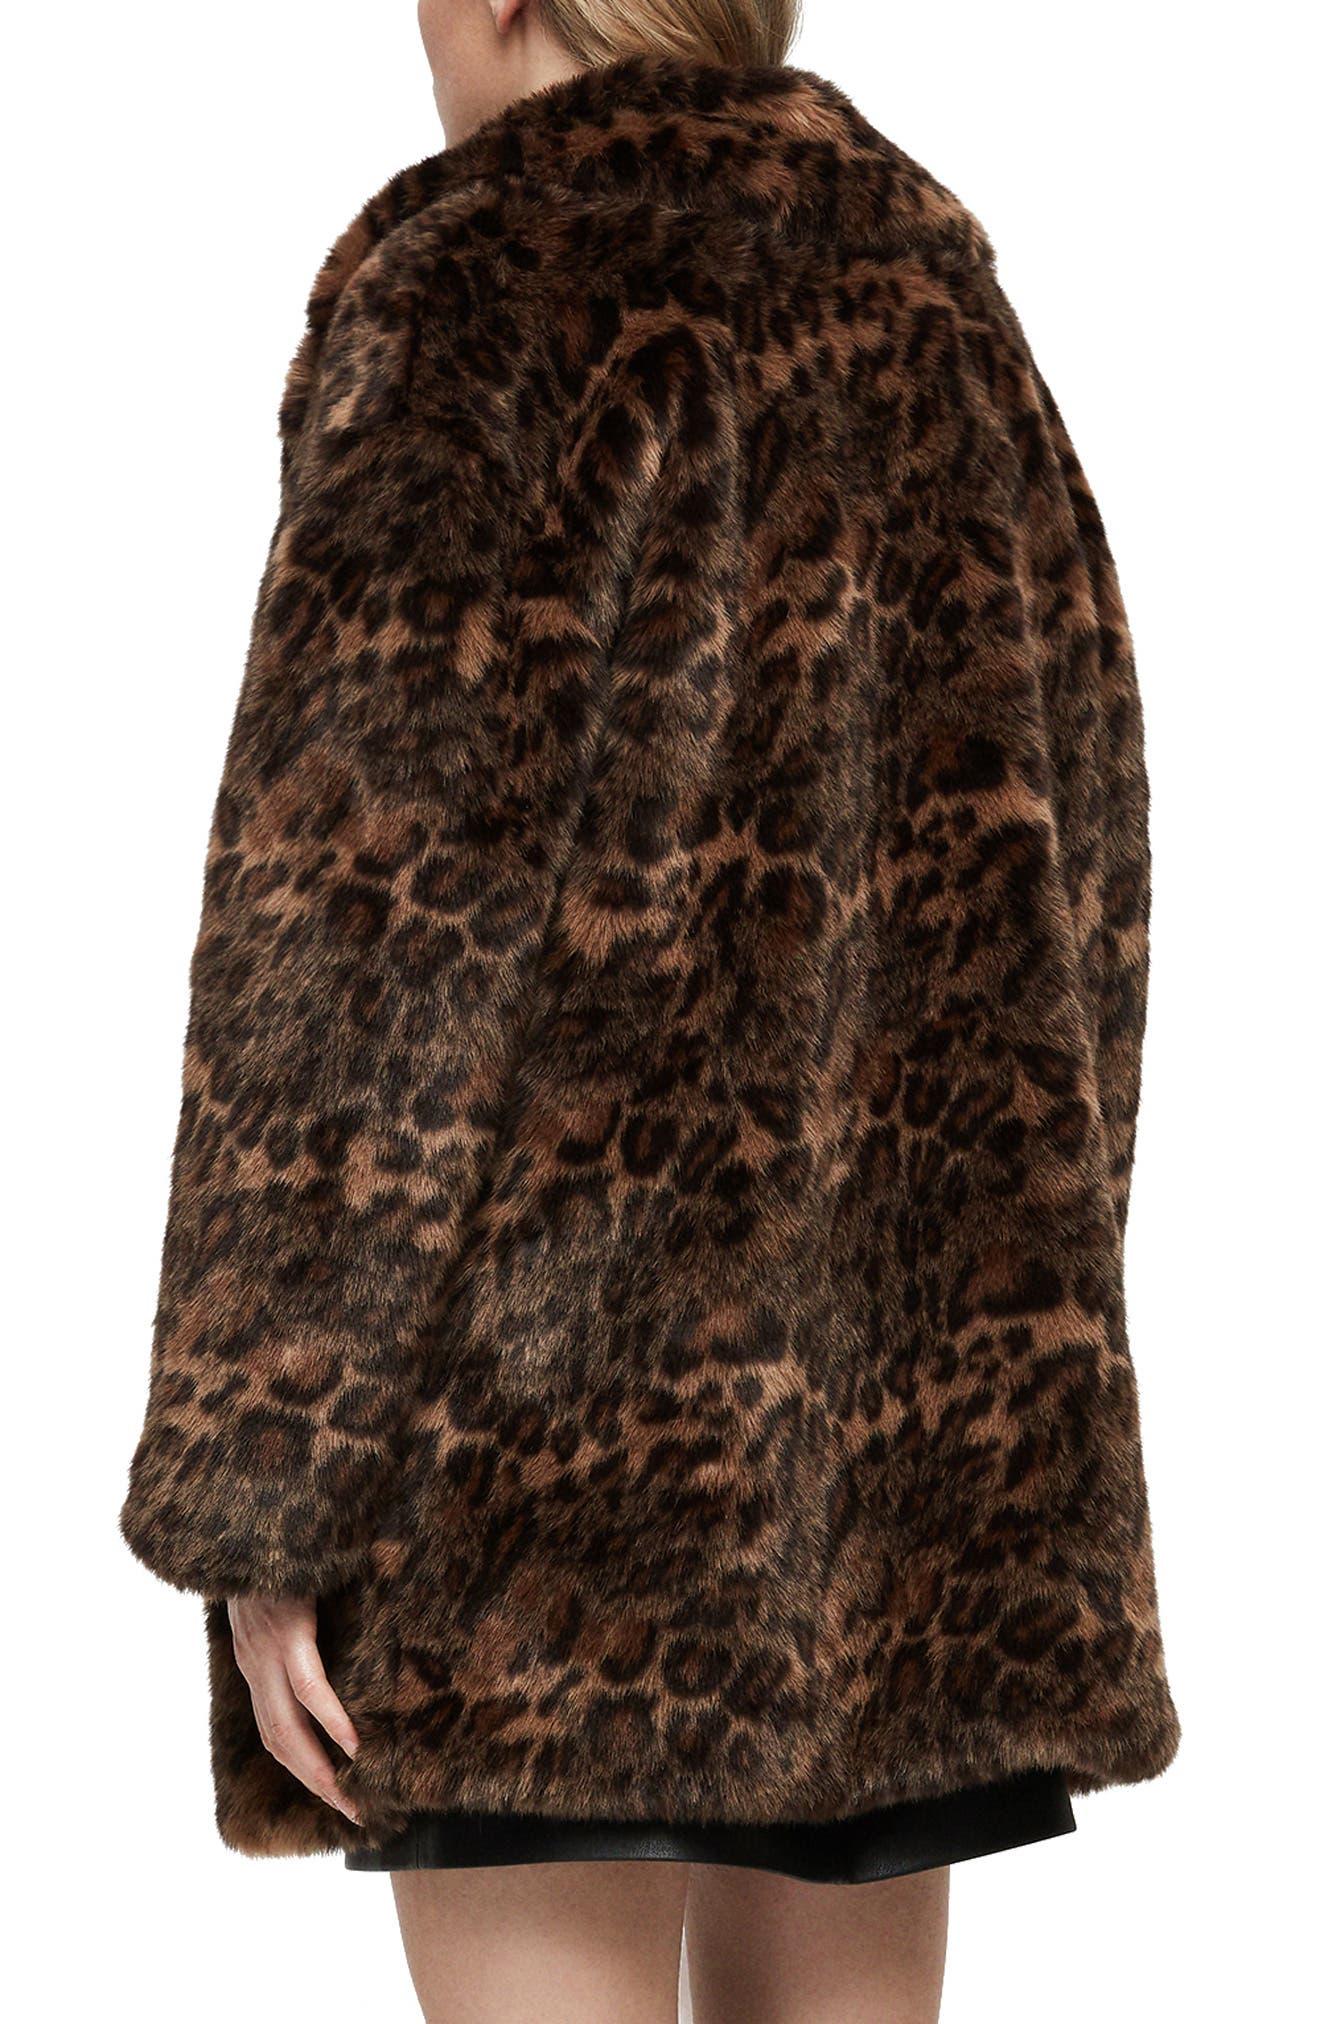 Amice Leopard Spot Faux Fur Jacket,                             Alternate thumbnail 2, color,                             BROWN